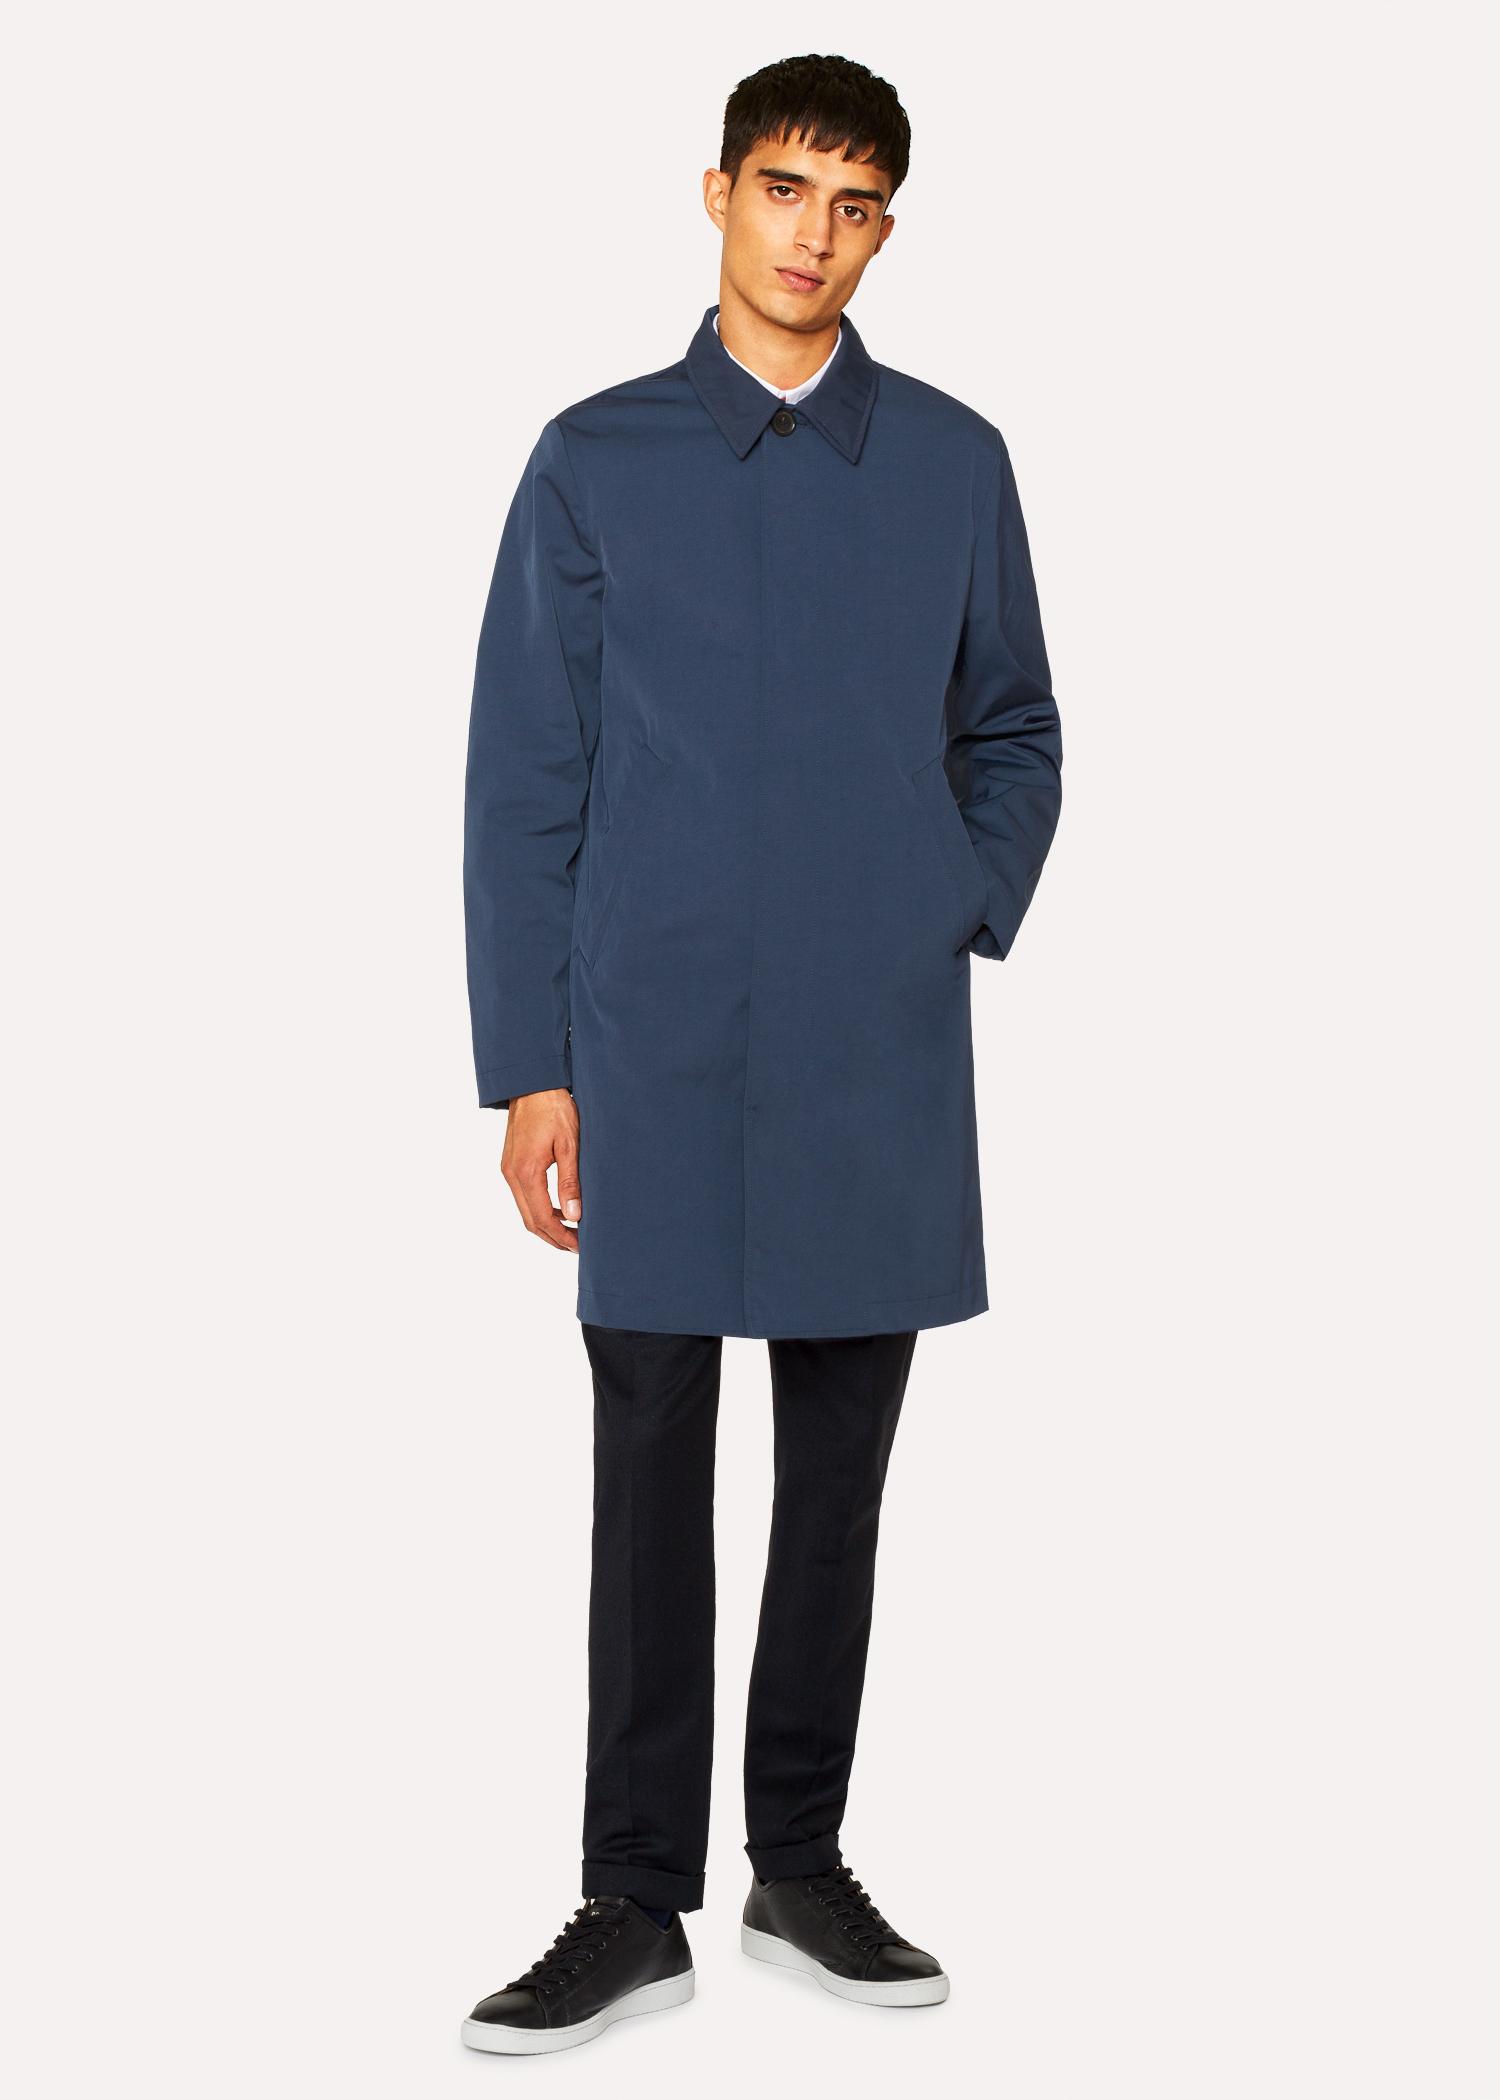 Paul Bleu Doublé Smith En Mélangé Imperméable Coton Pétrole Homme Non 4xOH81